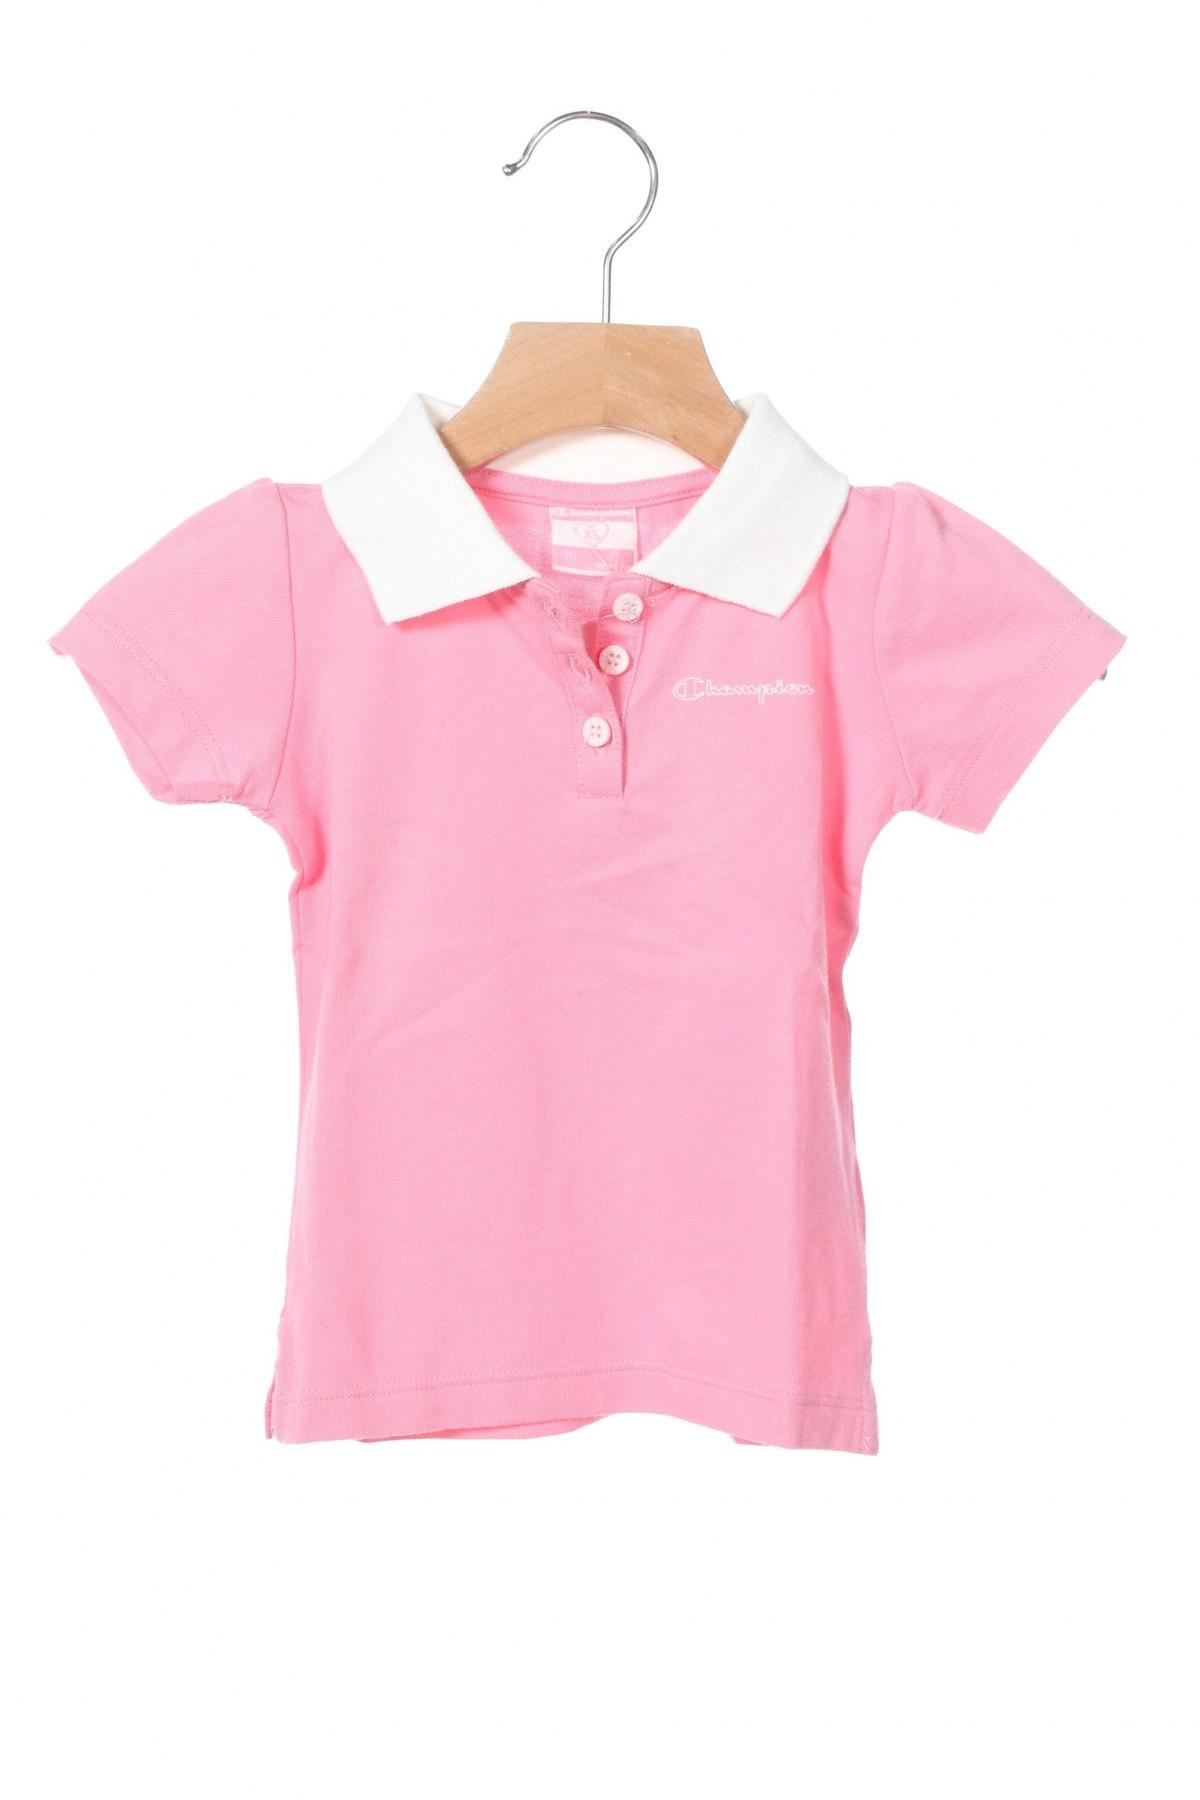 Παιδικό μπλουζάκι Champion, Μέγεθος 6-9m/ 68-74 εκ., Χρώμα Ρόζ , 52% βαμβάκι, 48% πολυεστέρας, Τιμή 9,40€